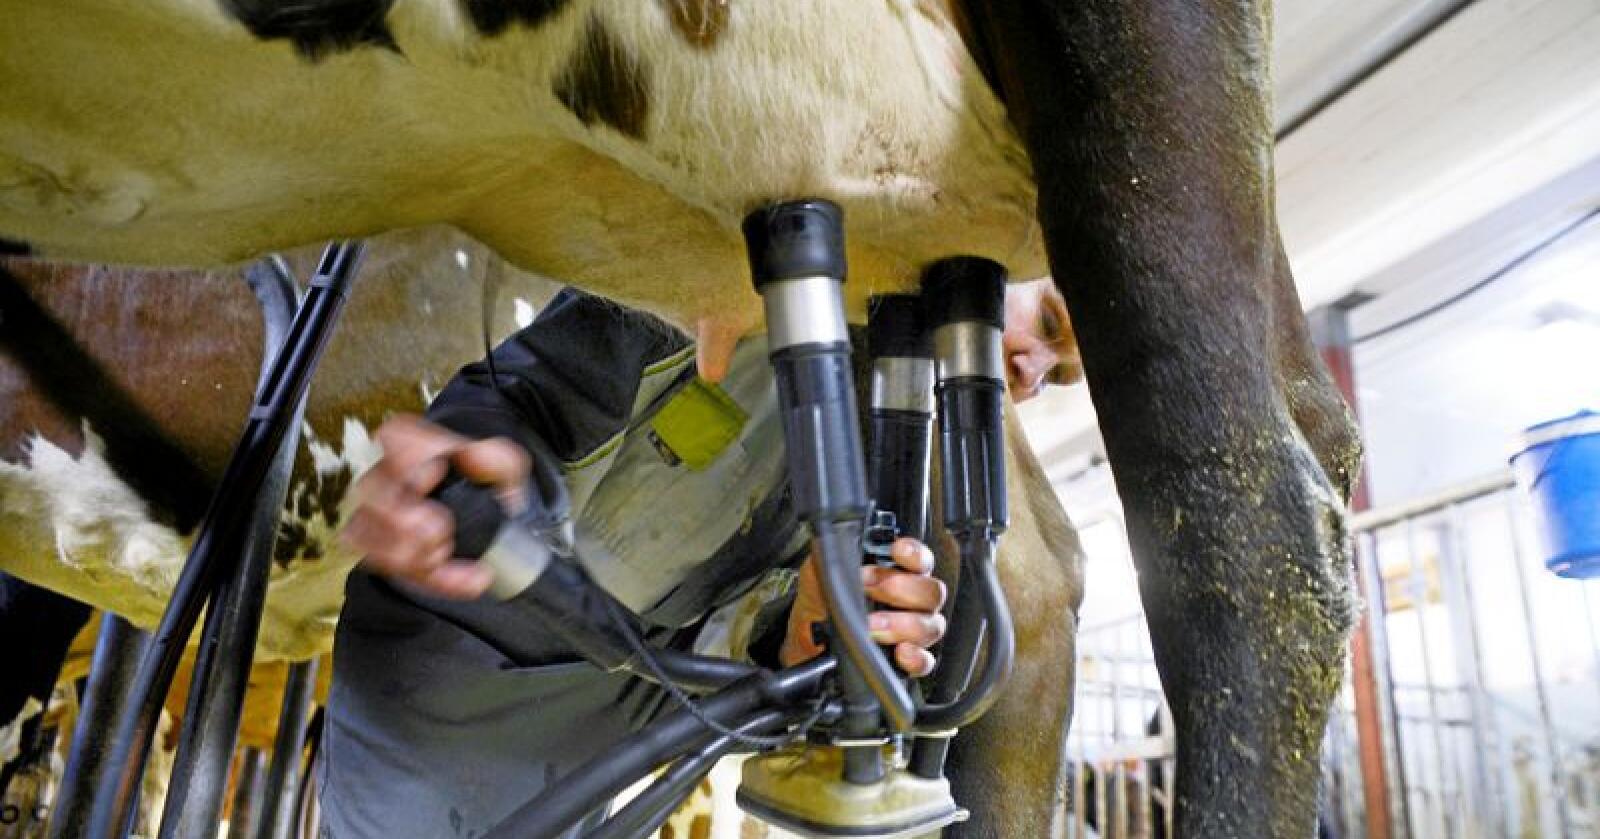 Vi har snart rundt 7600 bønder som driver med mjølkeproduksjon, skriver Kjersti Hoff. Foto: Mariann Tvete